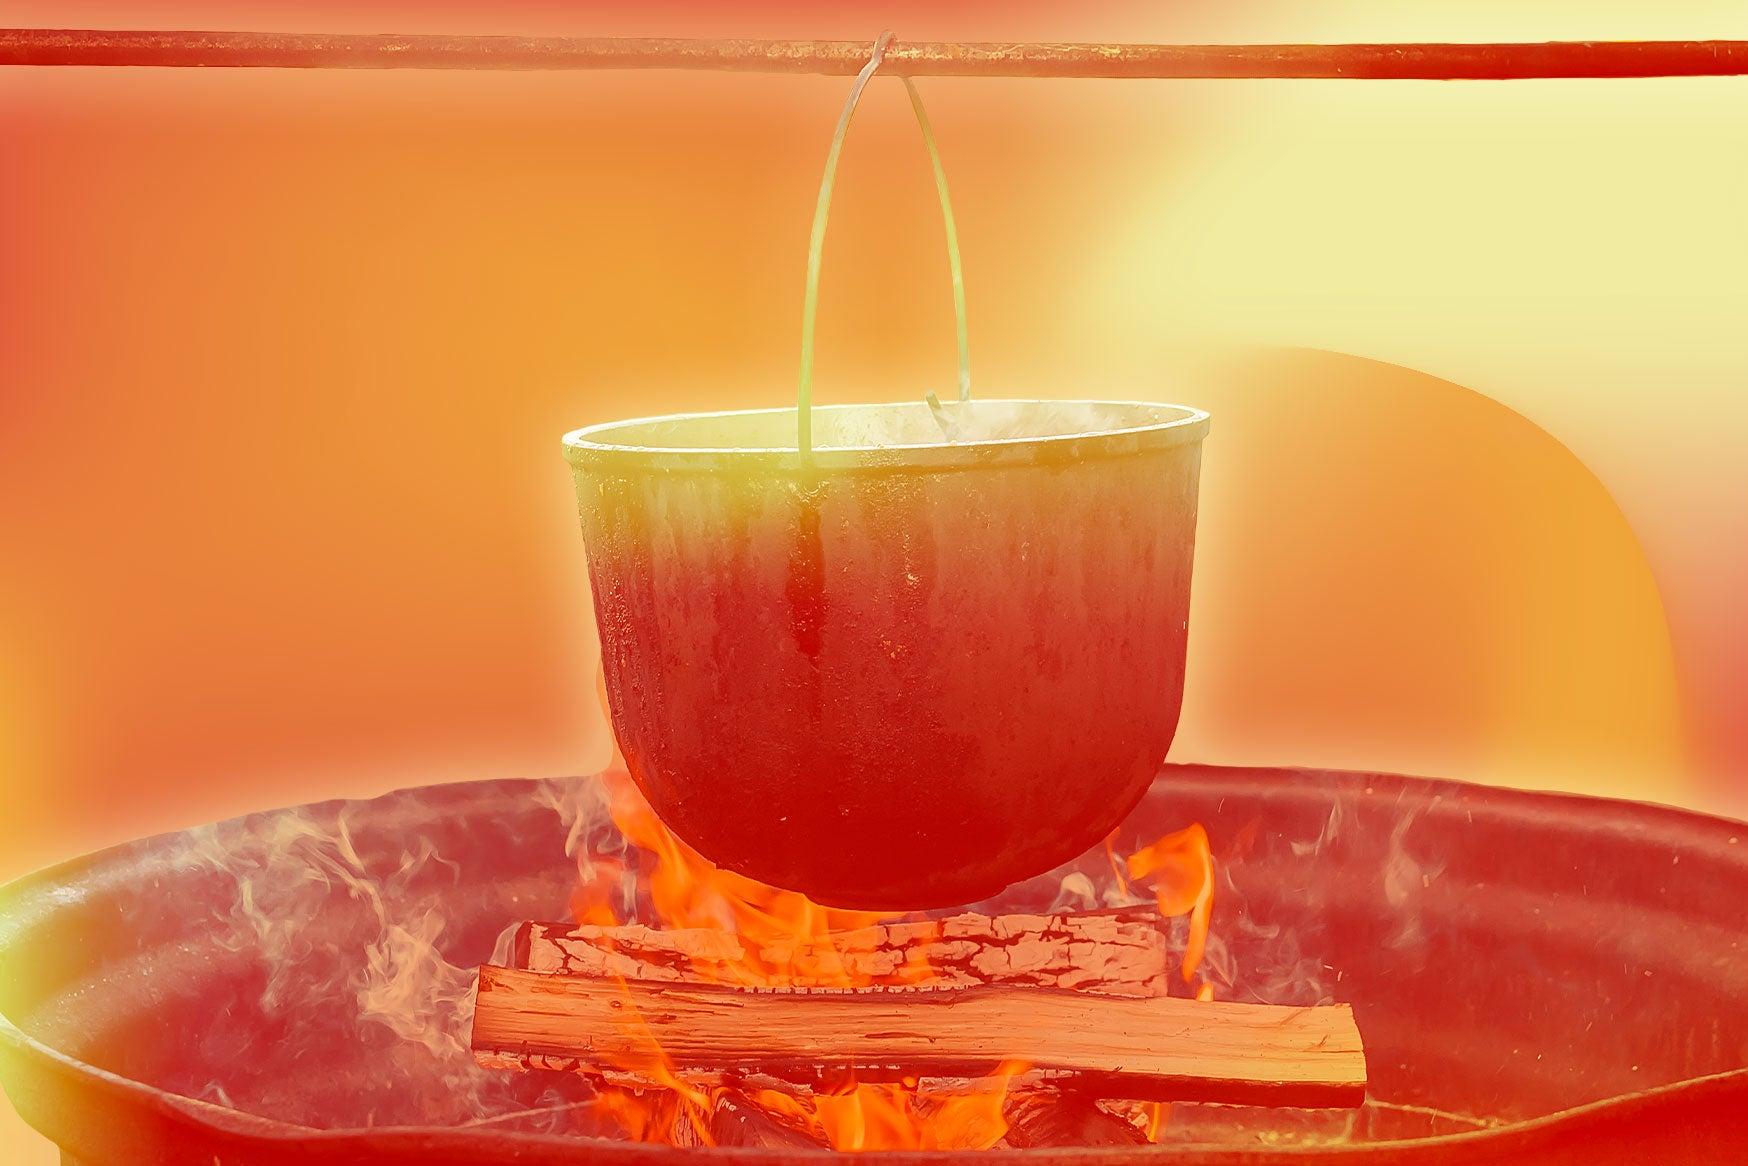 An iron pot on a spit above a cooking fire.